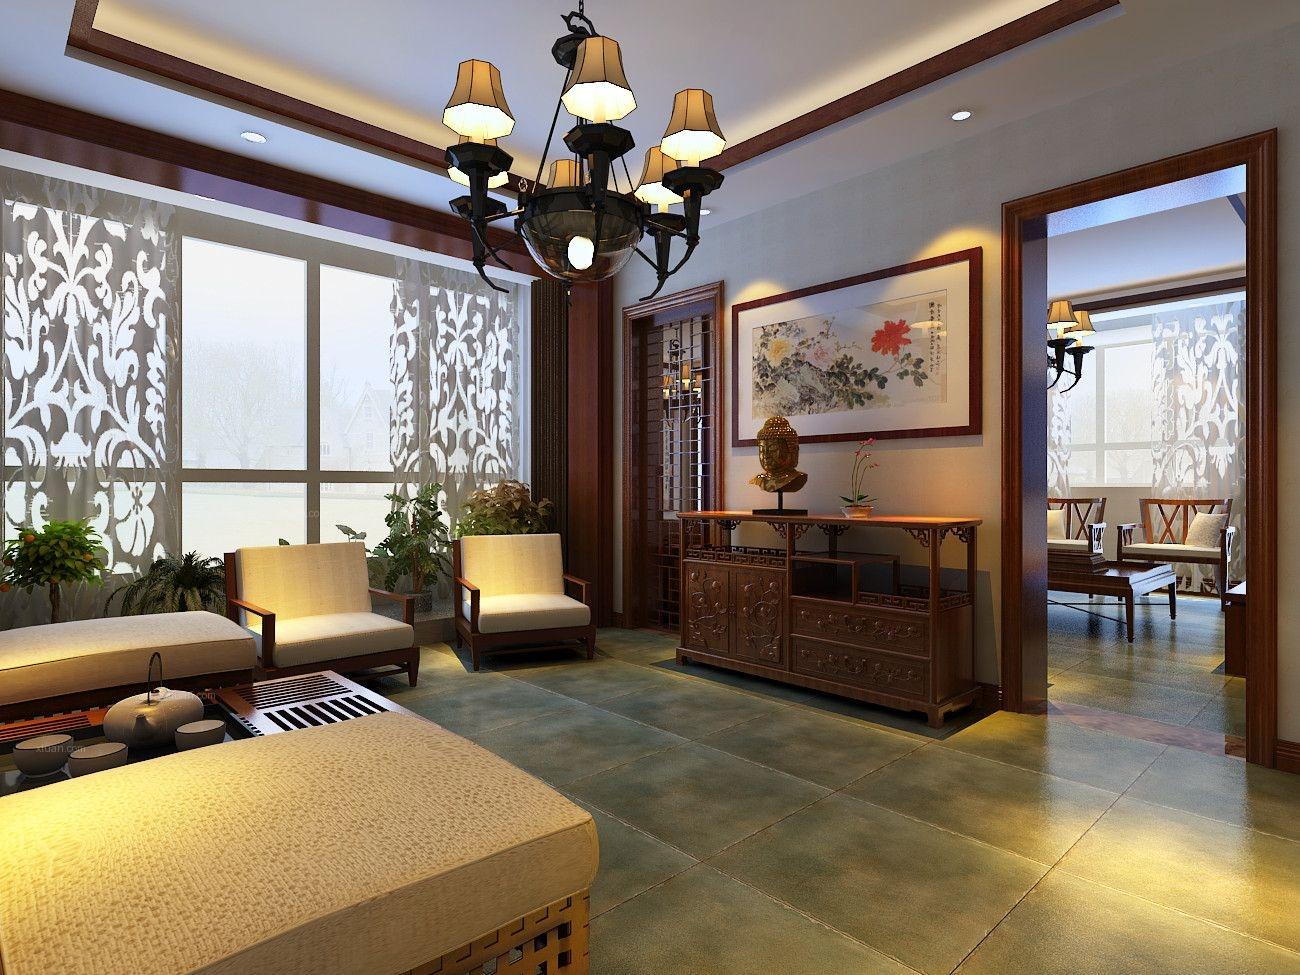 两居室中式风格客厅软装_香蓝蒲河80平新中式风格设计图片